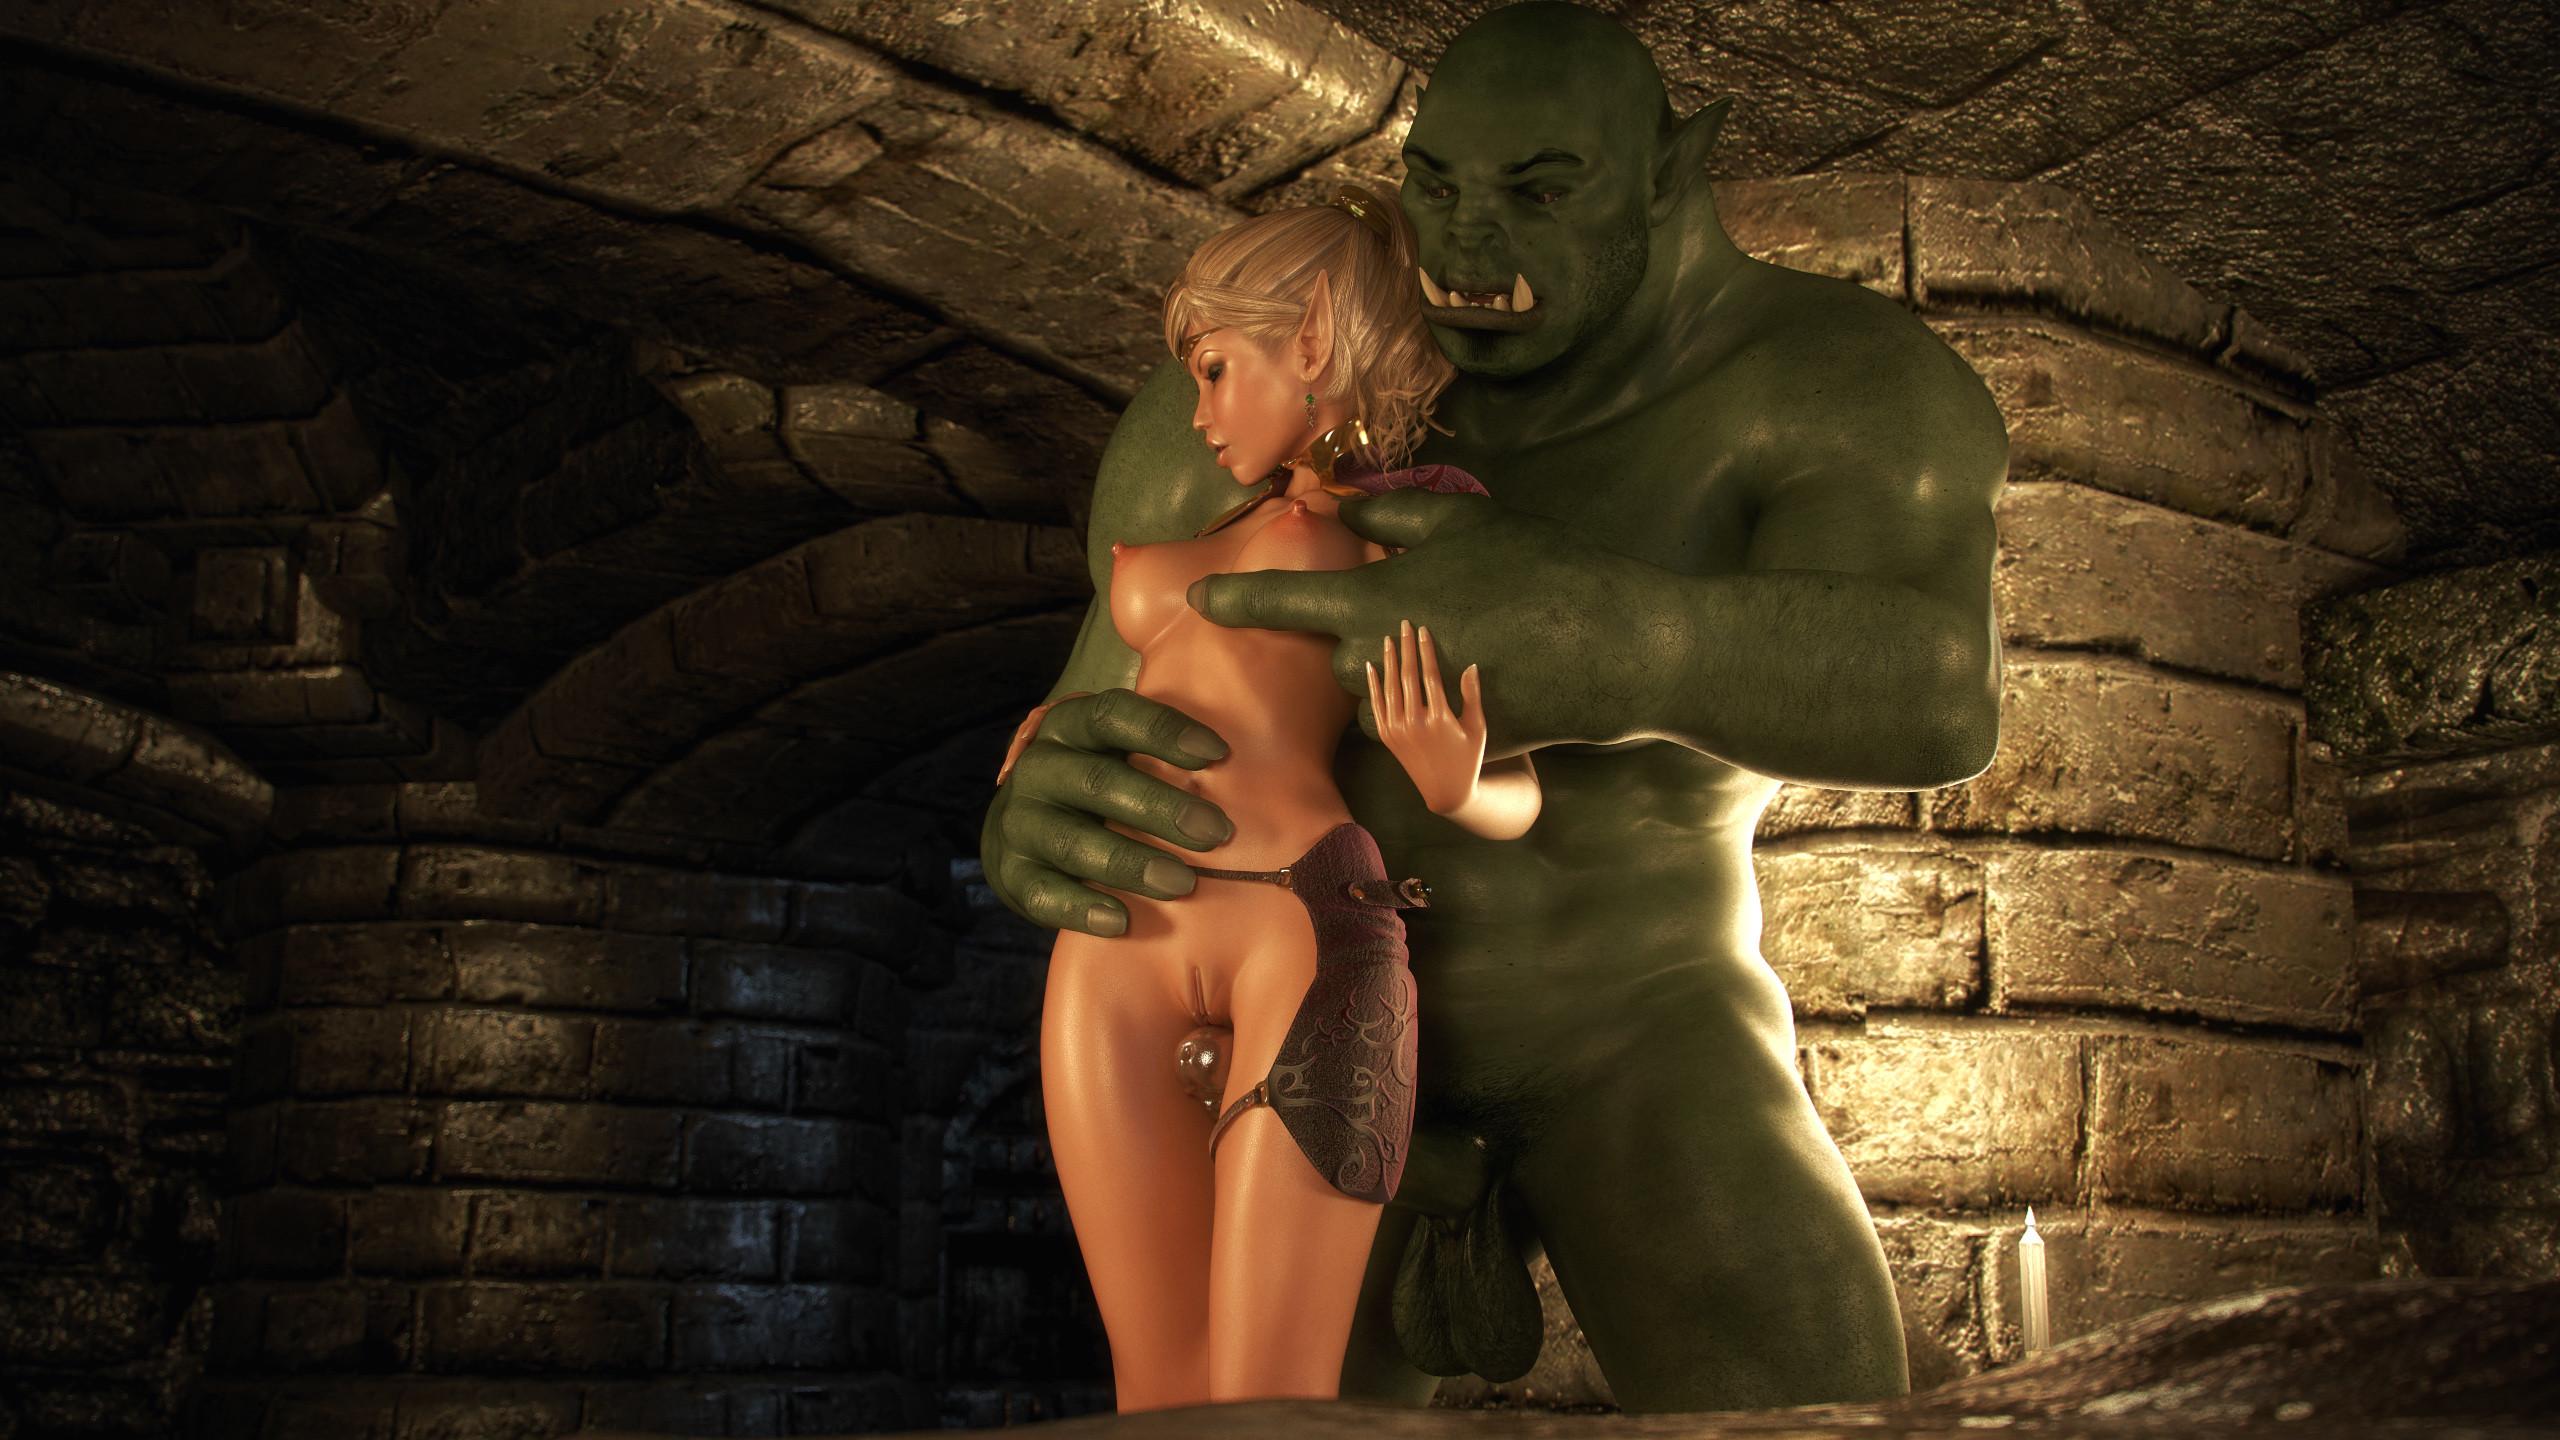 porno-v-podzemele-foto-shlyuhu